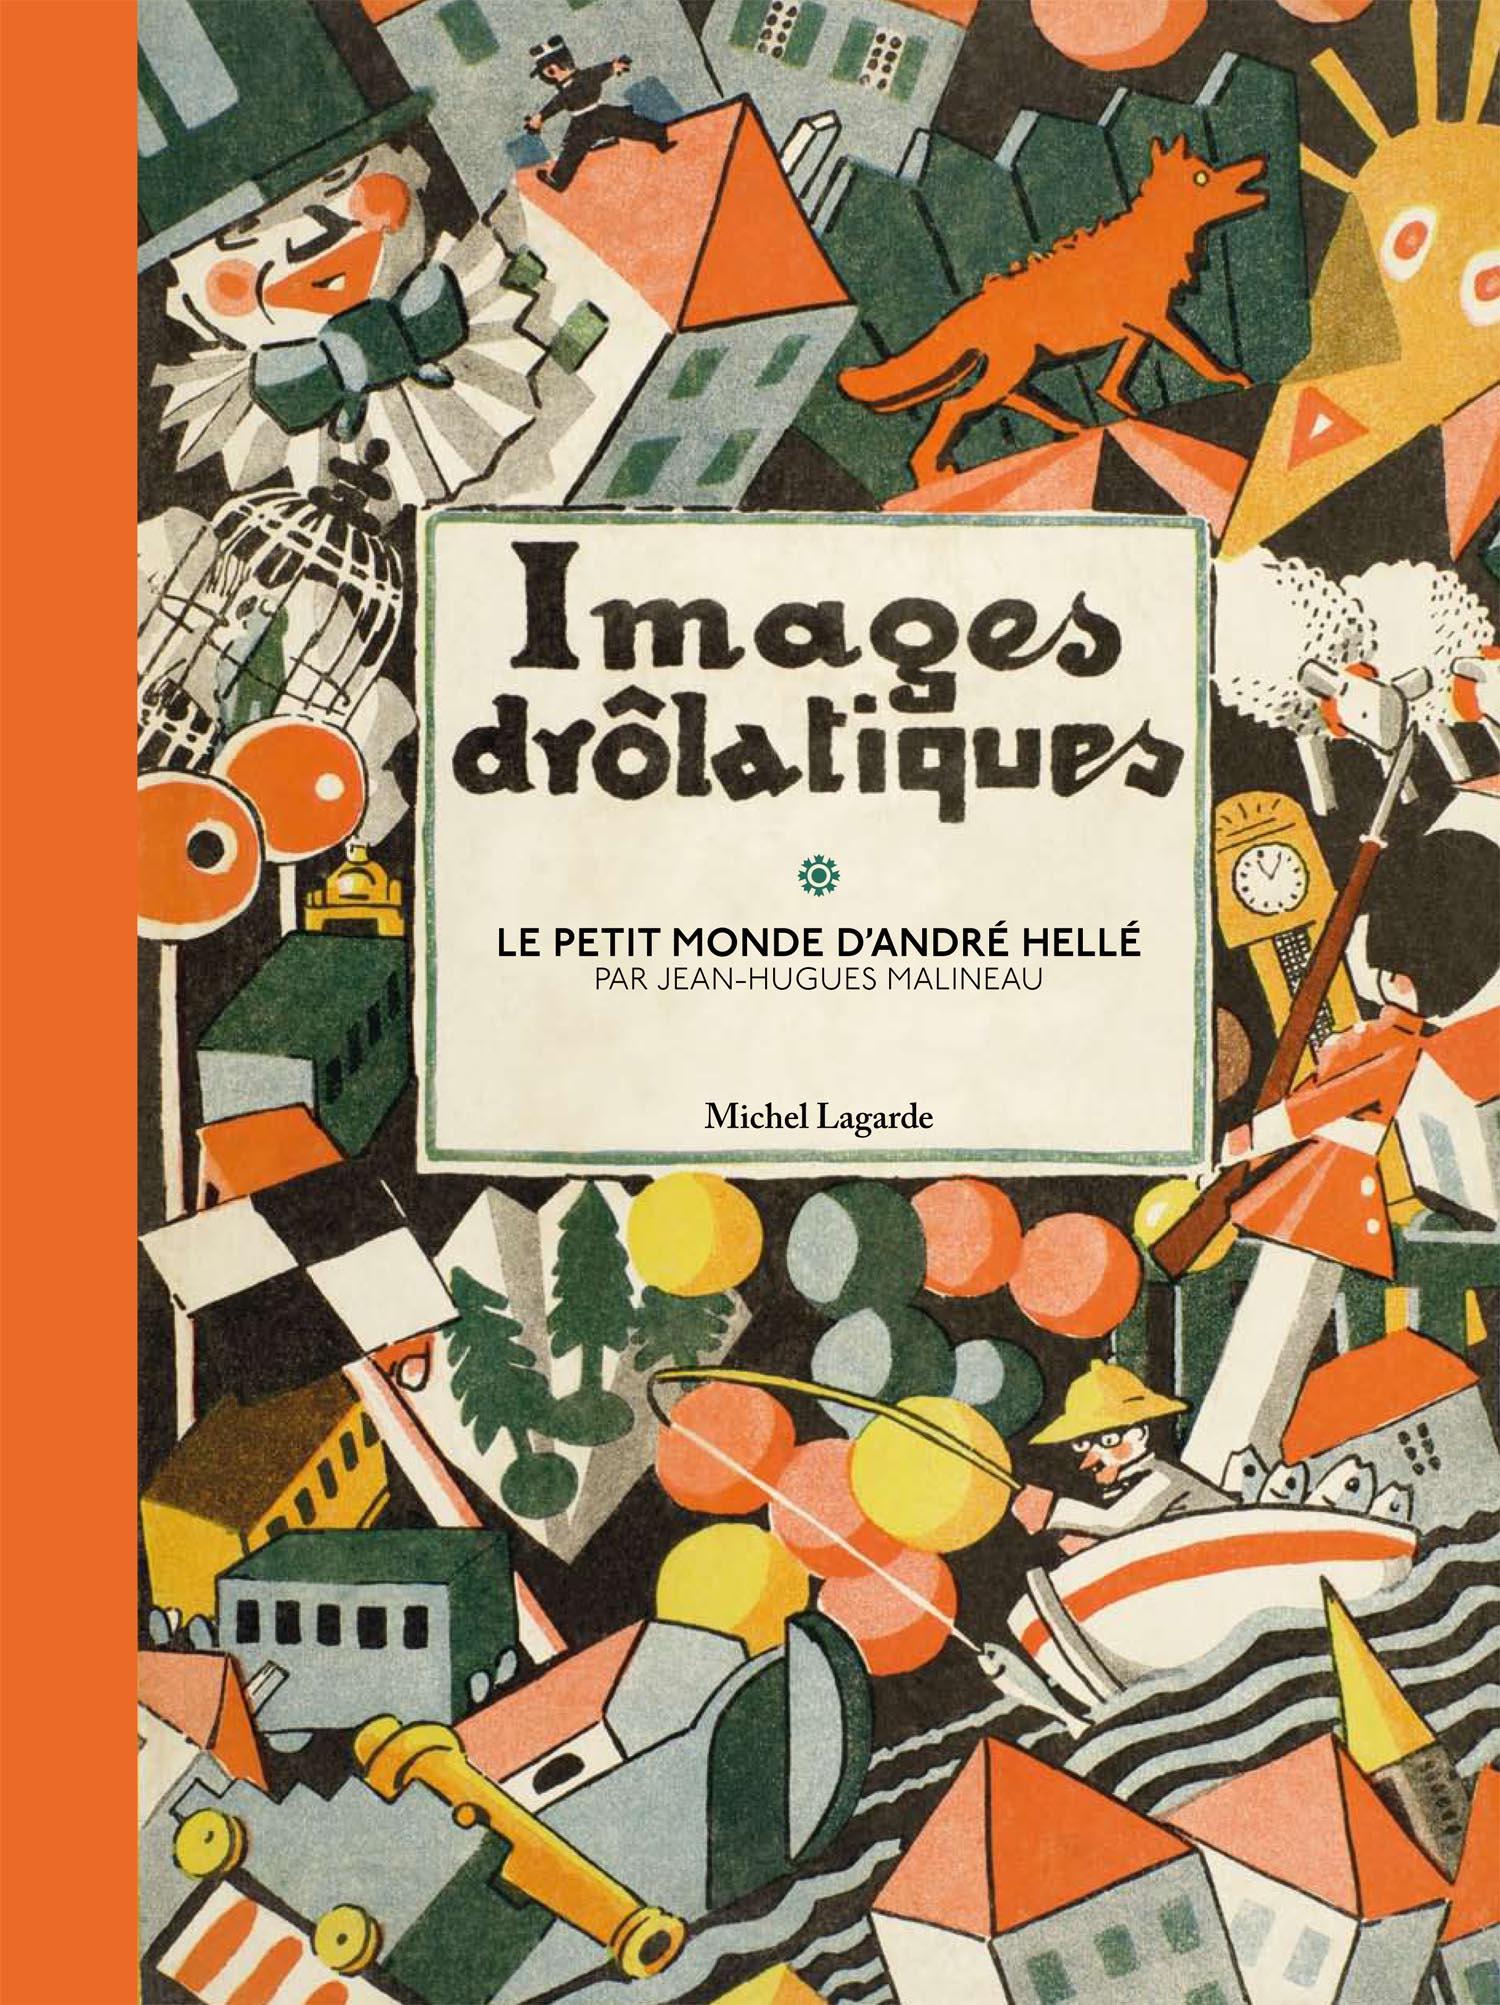 Images Drôlatiques | Patrimoine | André Hellé / Jean Hugues Malineau